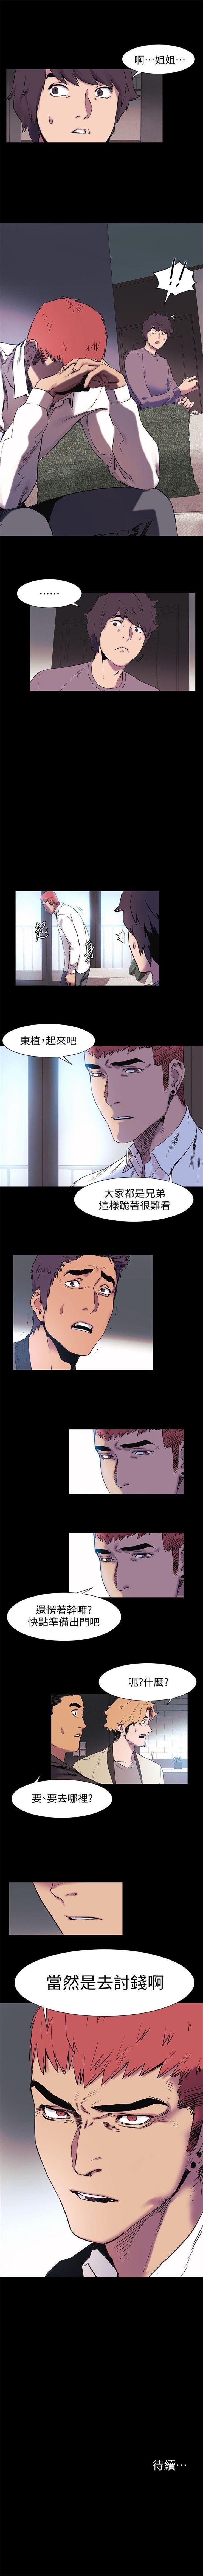 (週5)衝突 1-94 中文翻譯 (更新中) 230